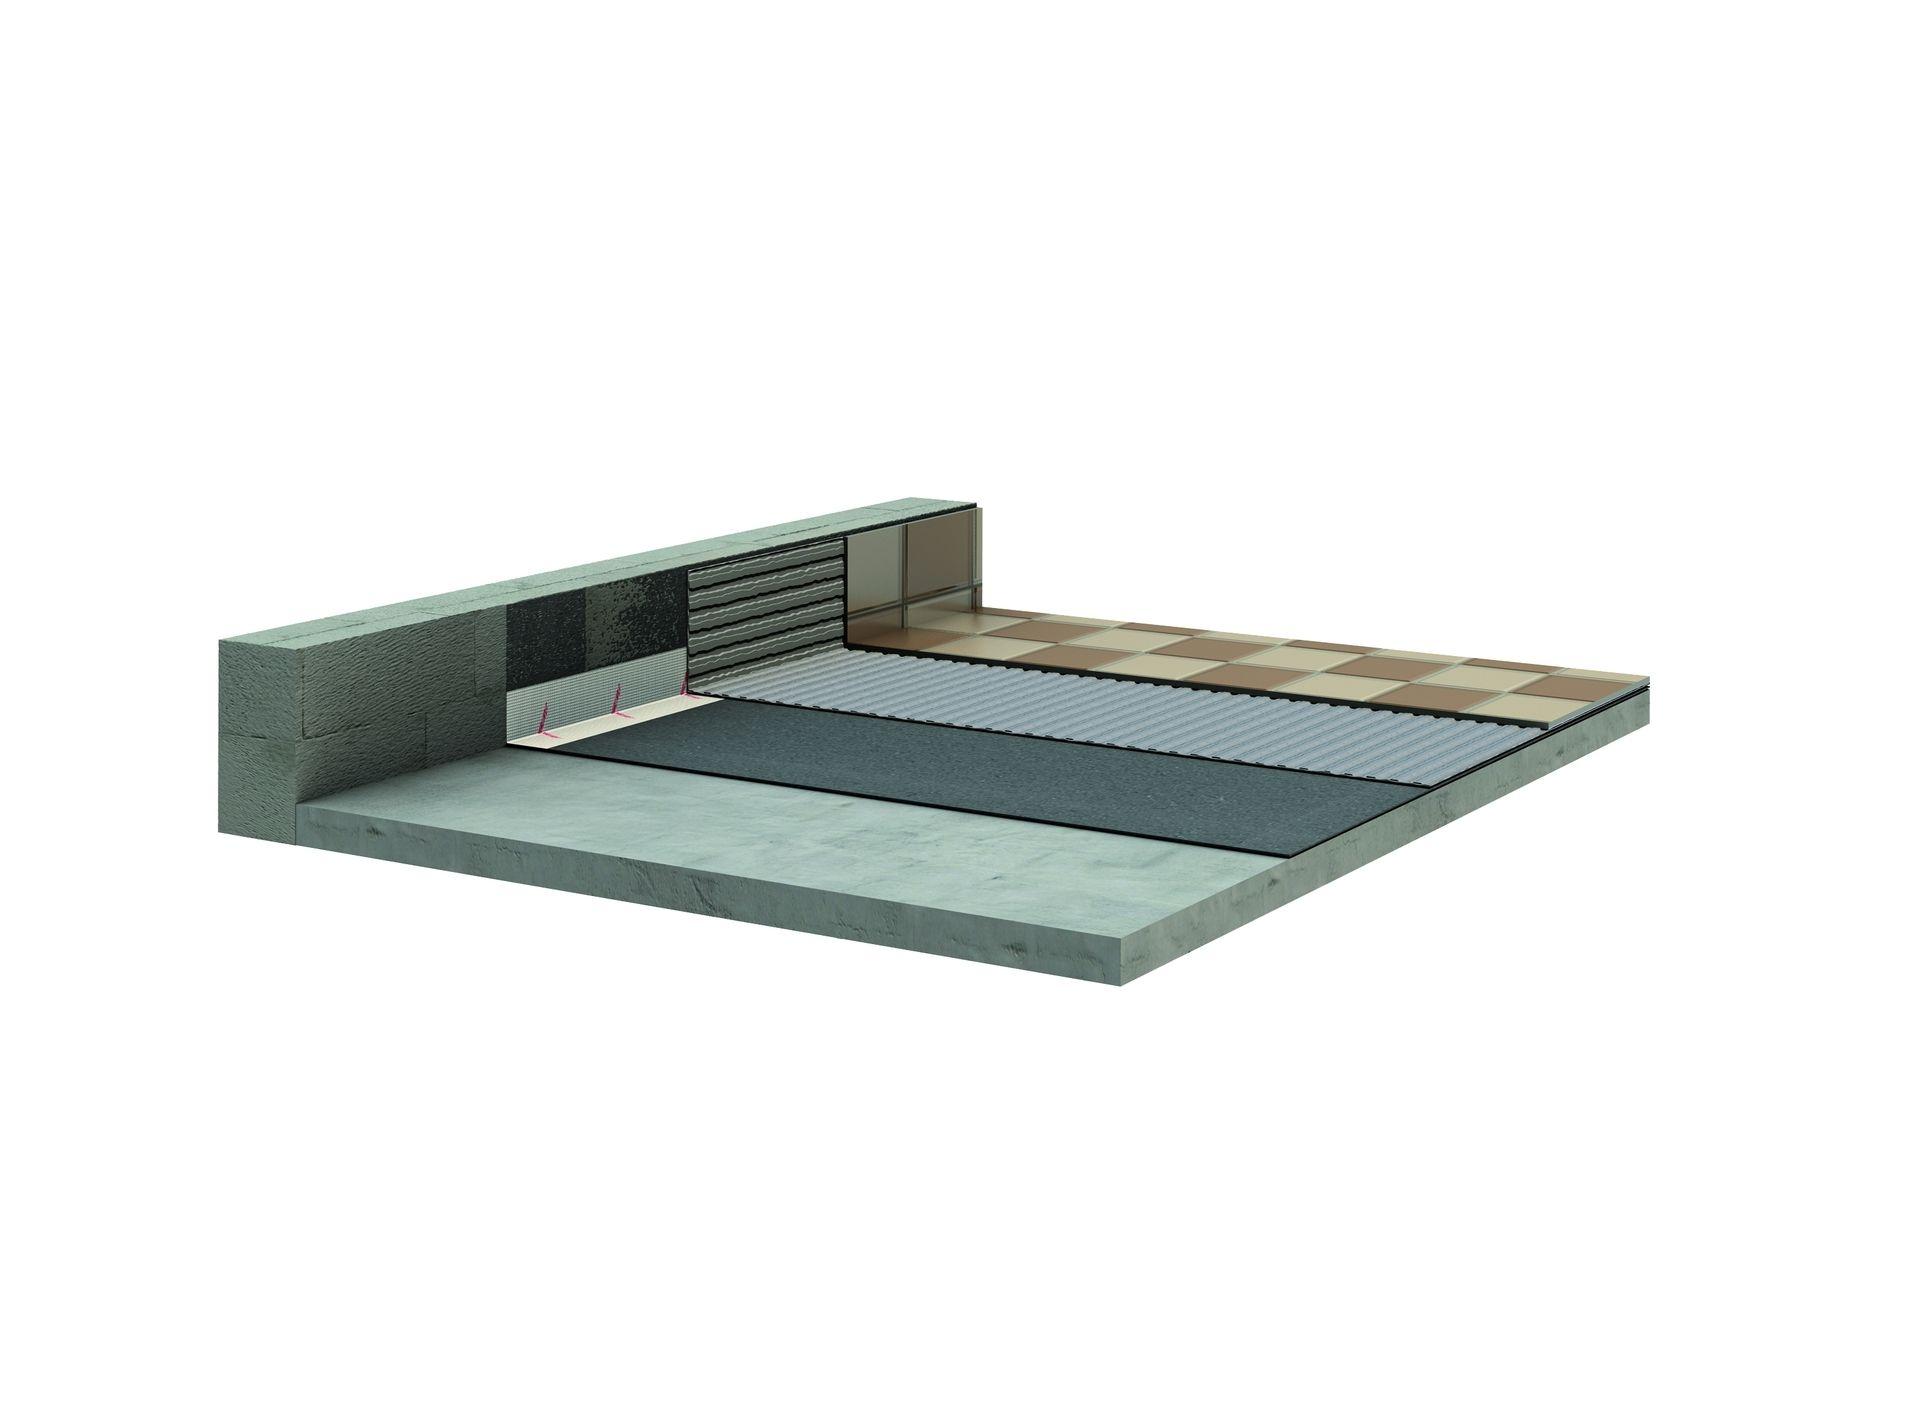 popular terrasse abdichten anleitung eq39 kyushucon. Black Bedroom Furniture Sets. Home Design Ideas